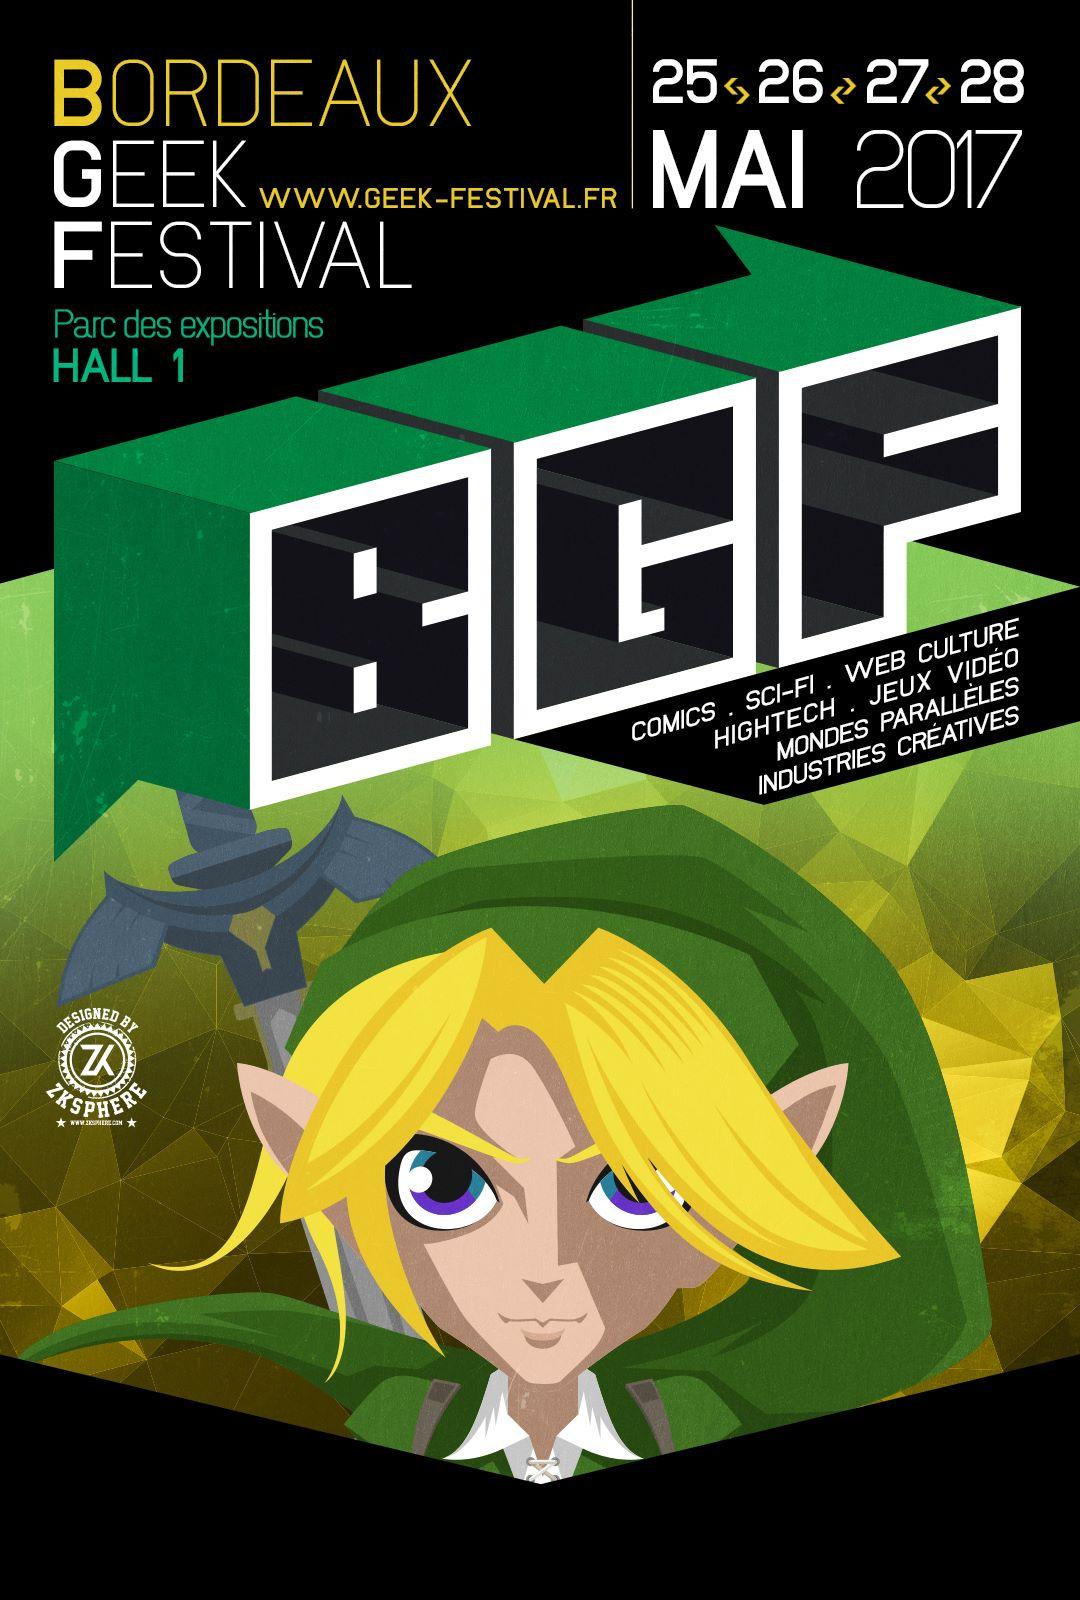 Bordeaux Geek Festival 2017